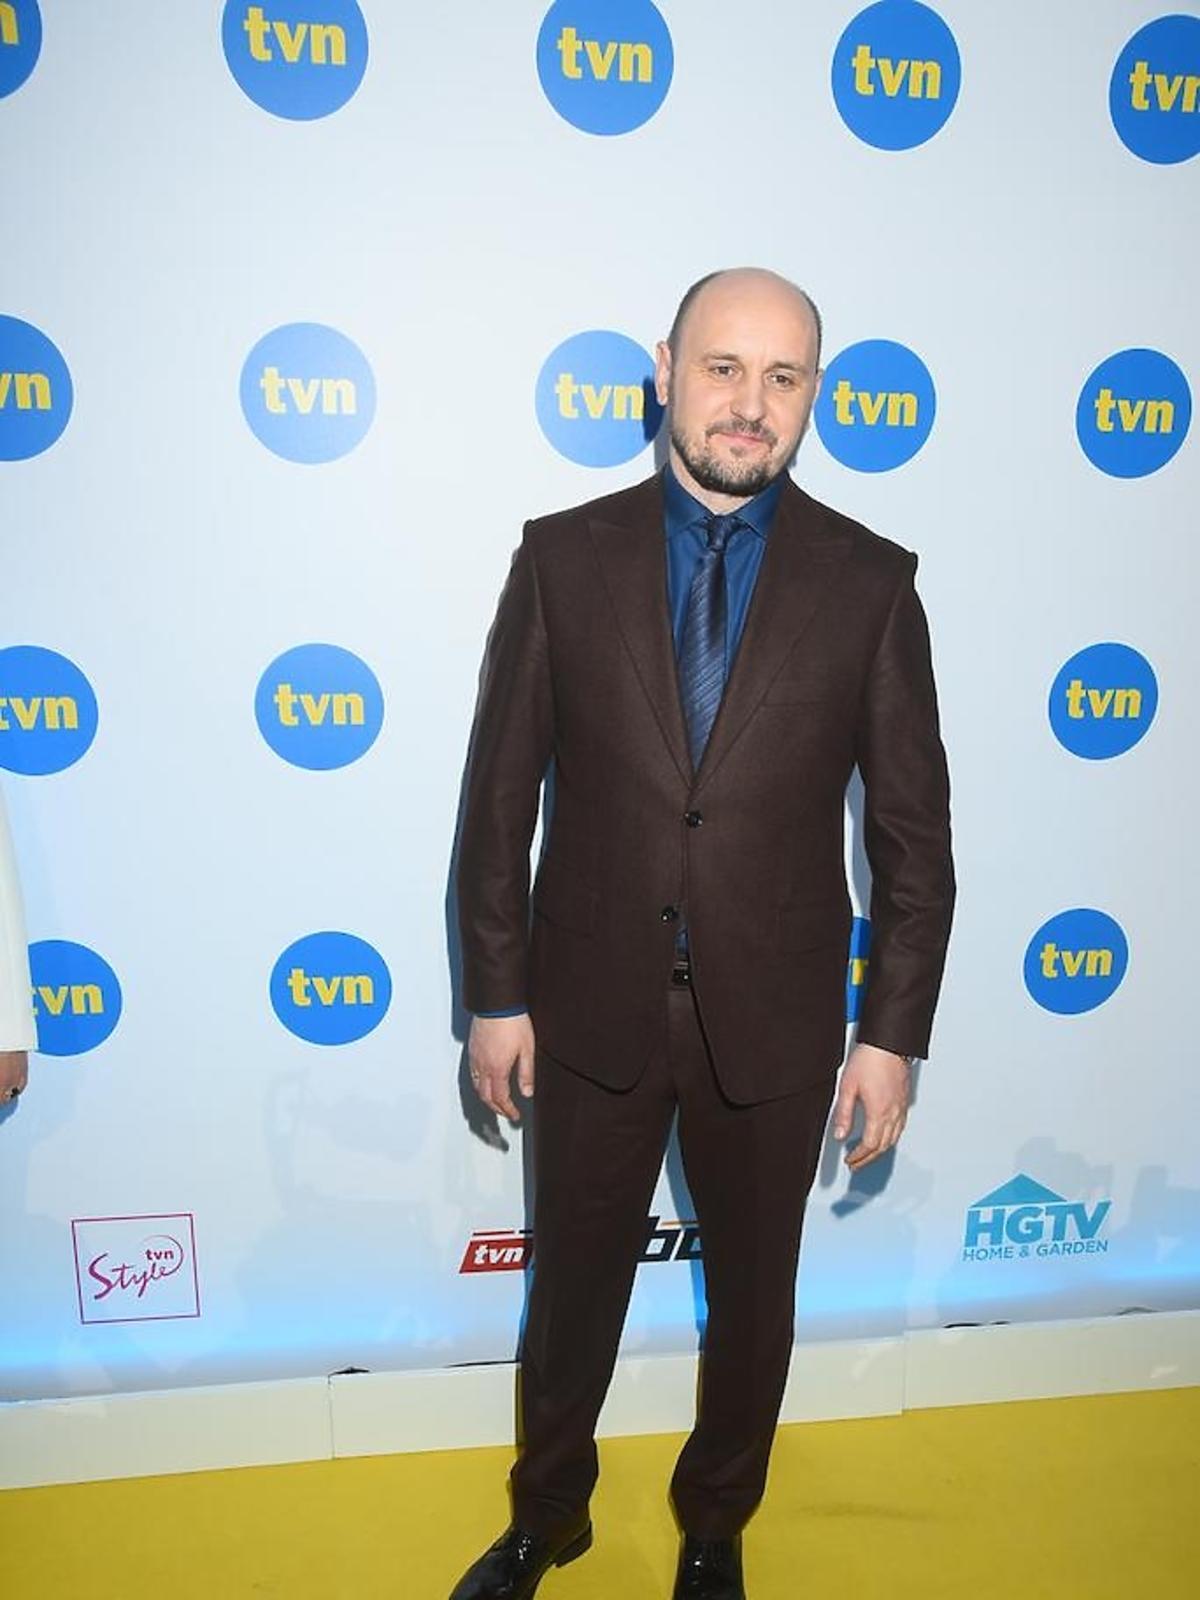 Adam Woronowicz na konferencji TVN